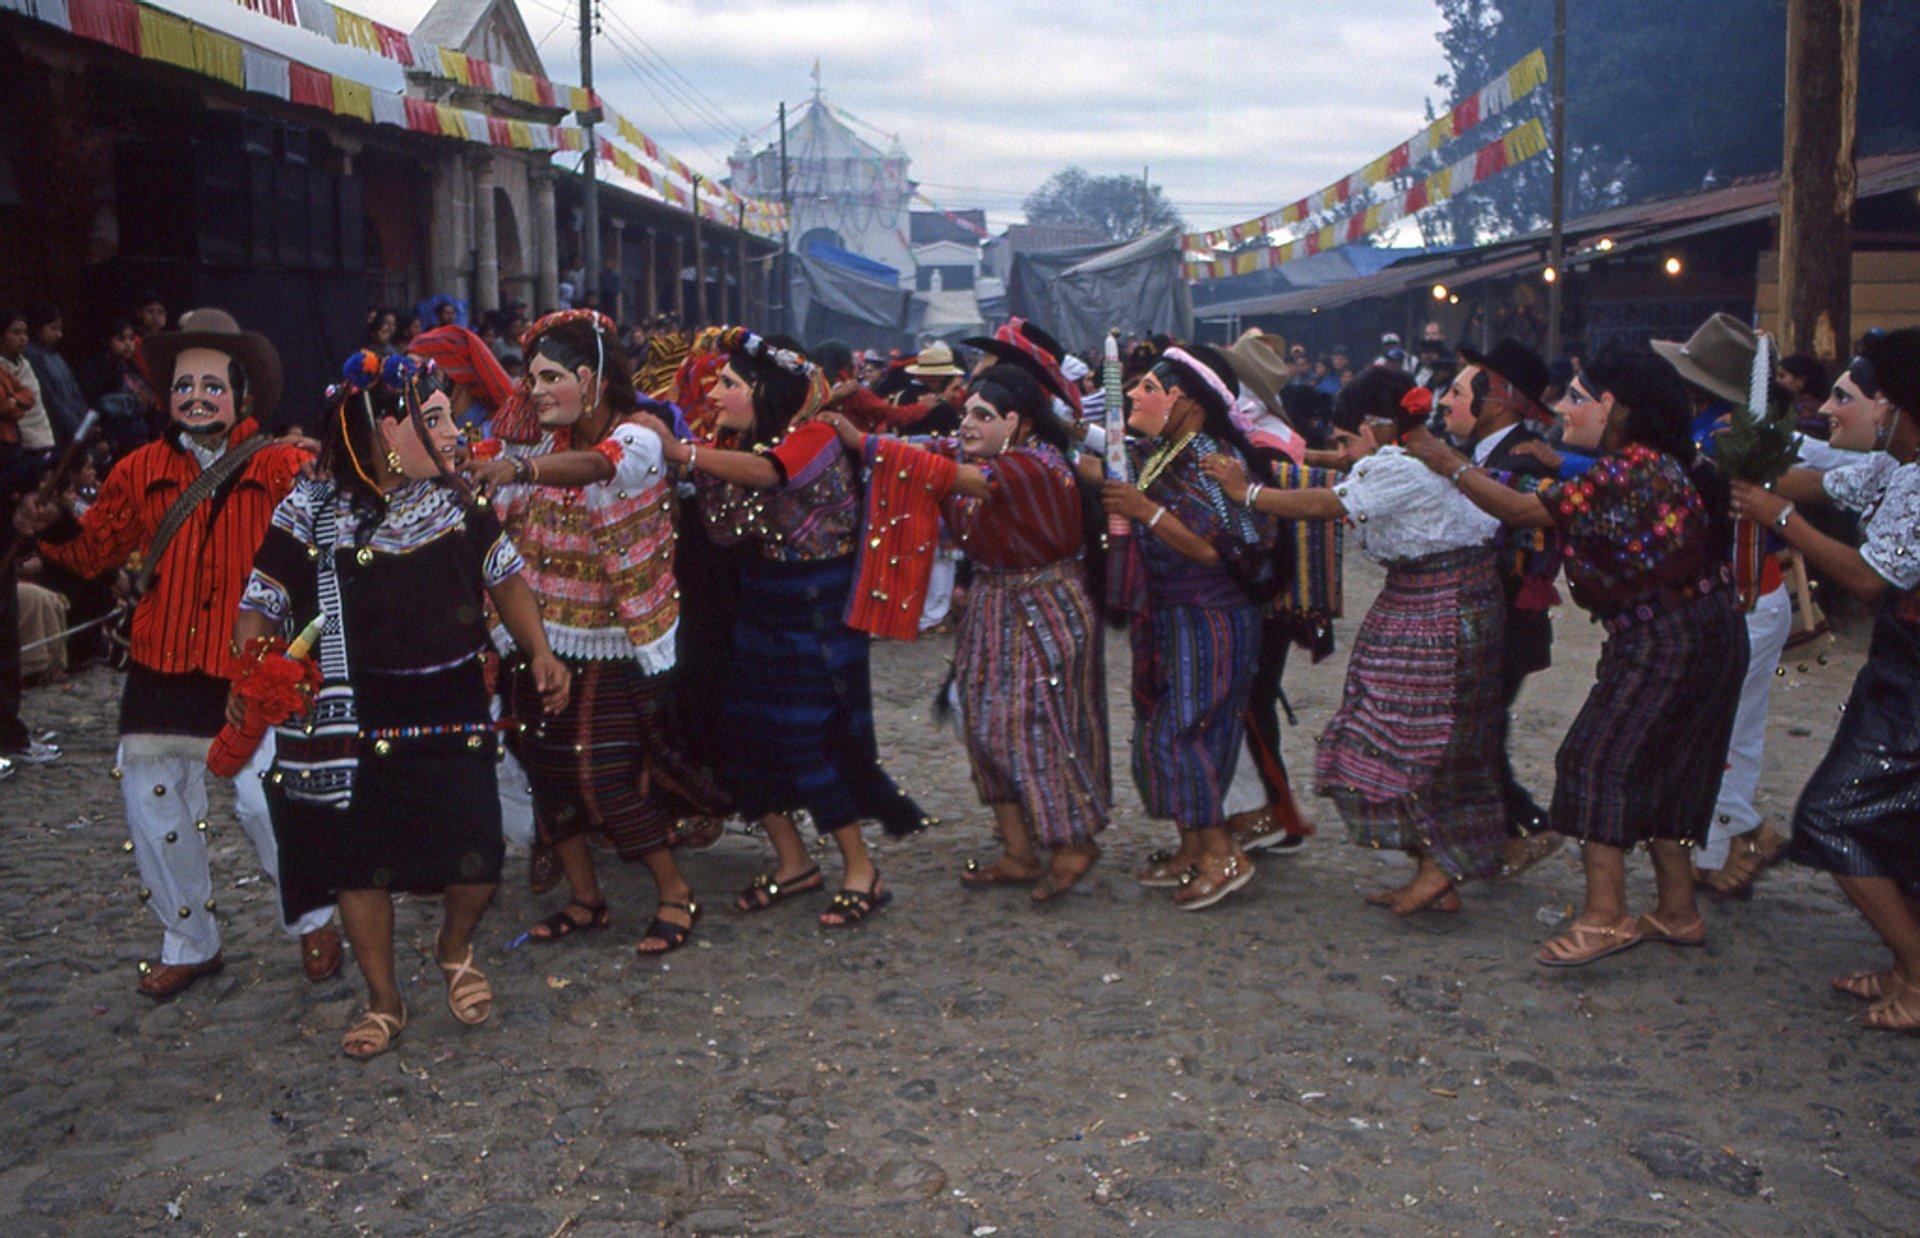 Best time for Fiesta de Santo Tomás in Guatemala